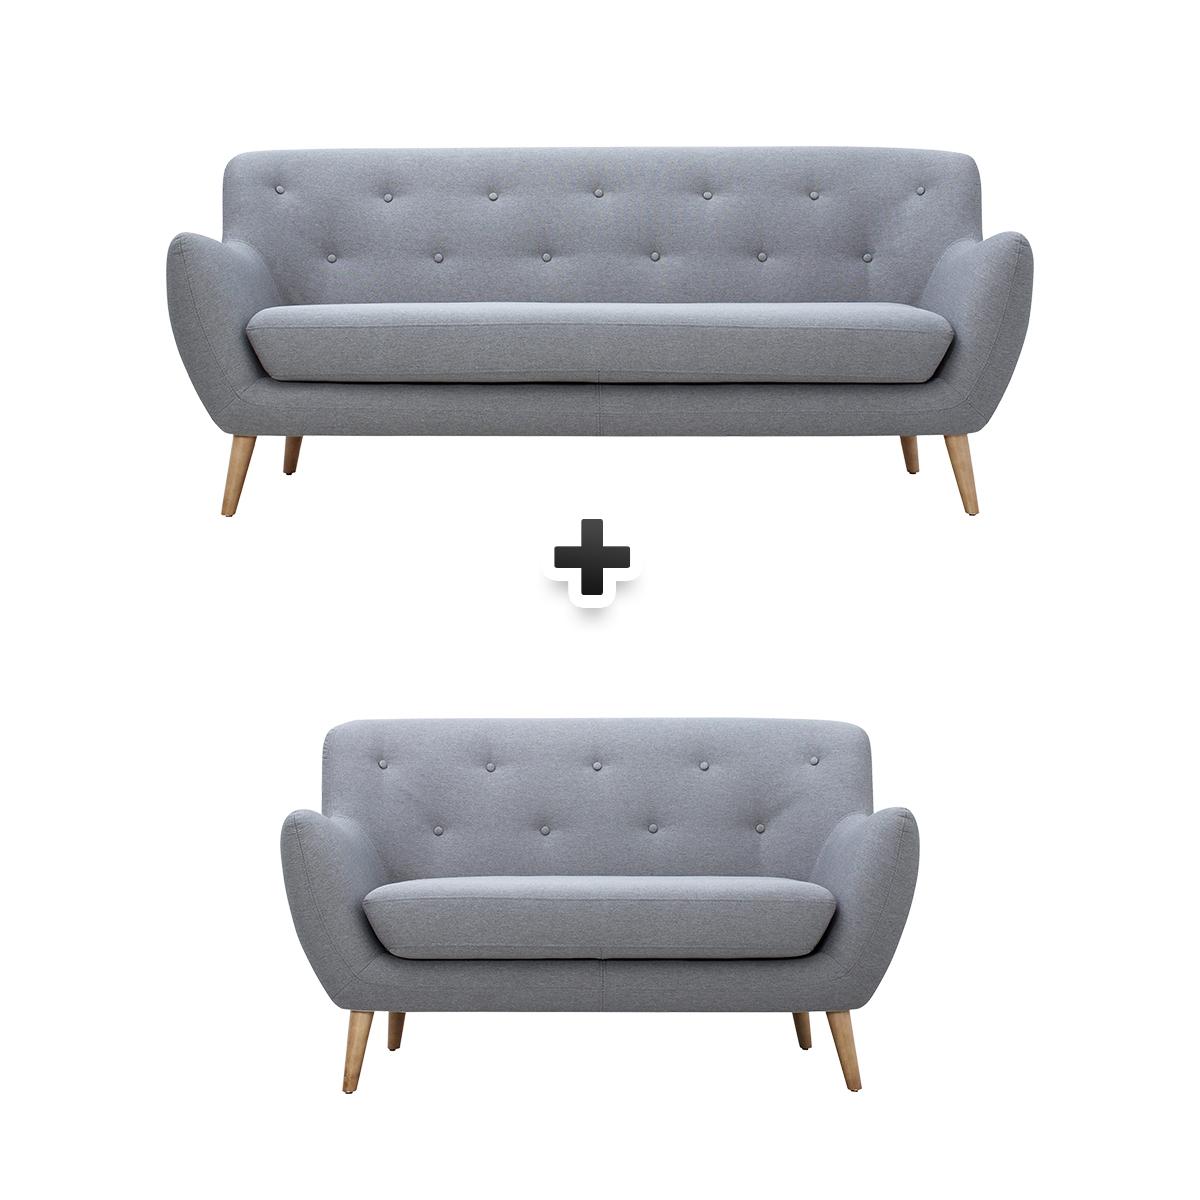 Canapé 3 places + canapé 2 places tissu gris clair MILO